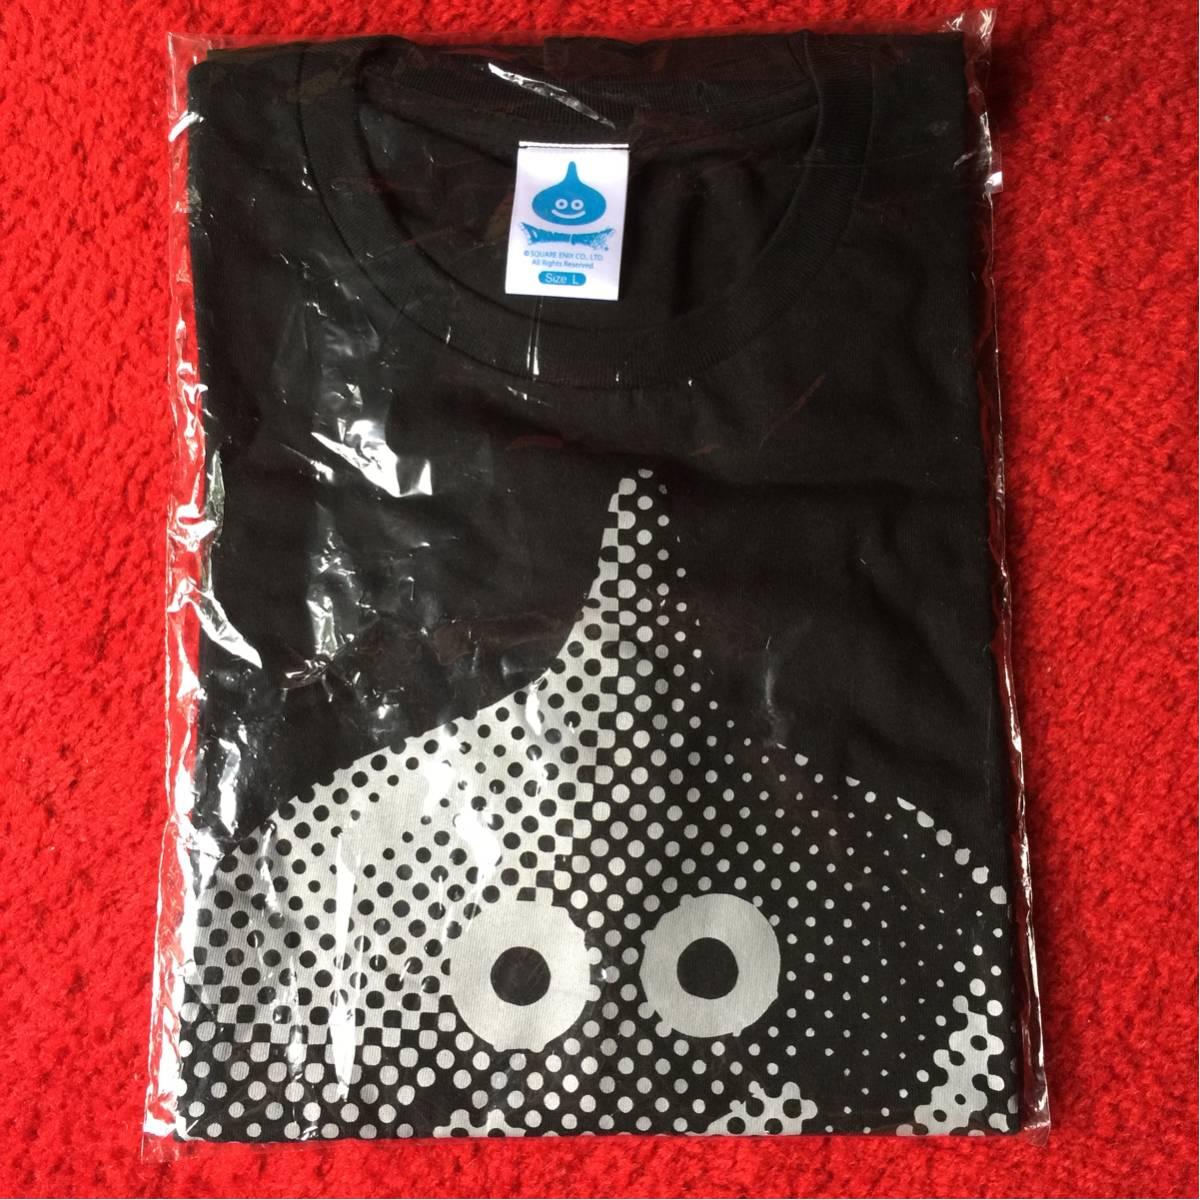 【新品未使用】ローソン ドラゴンクエスト コラボ店舗 オリジナルグッズ スライムTシャツ ブラック (Lサイズ) グッズの画像